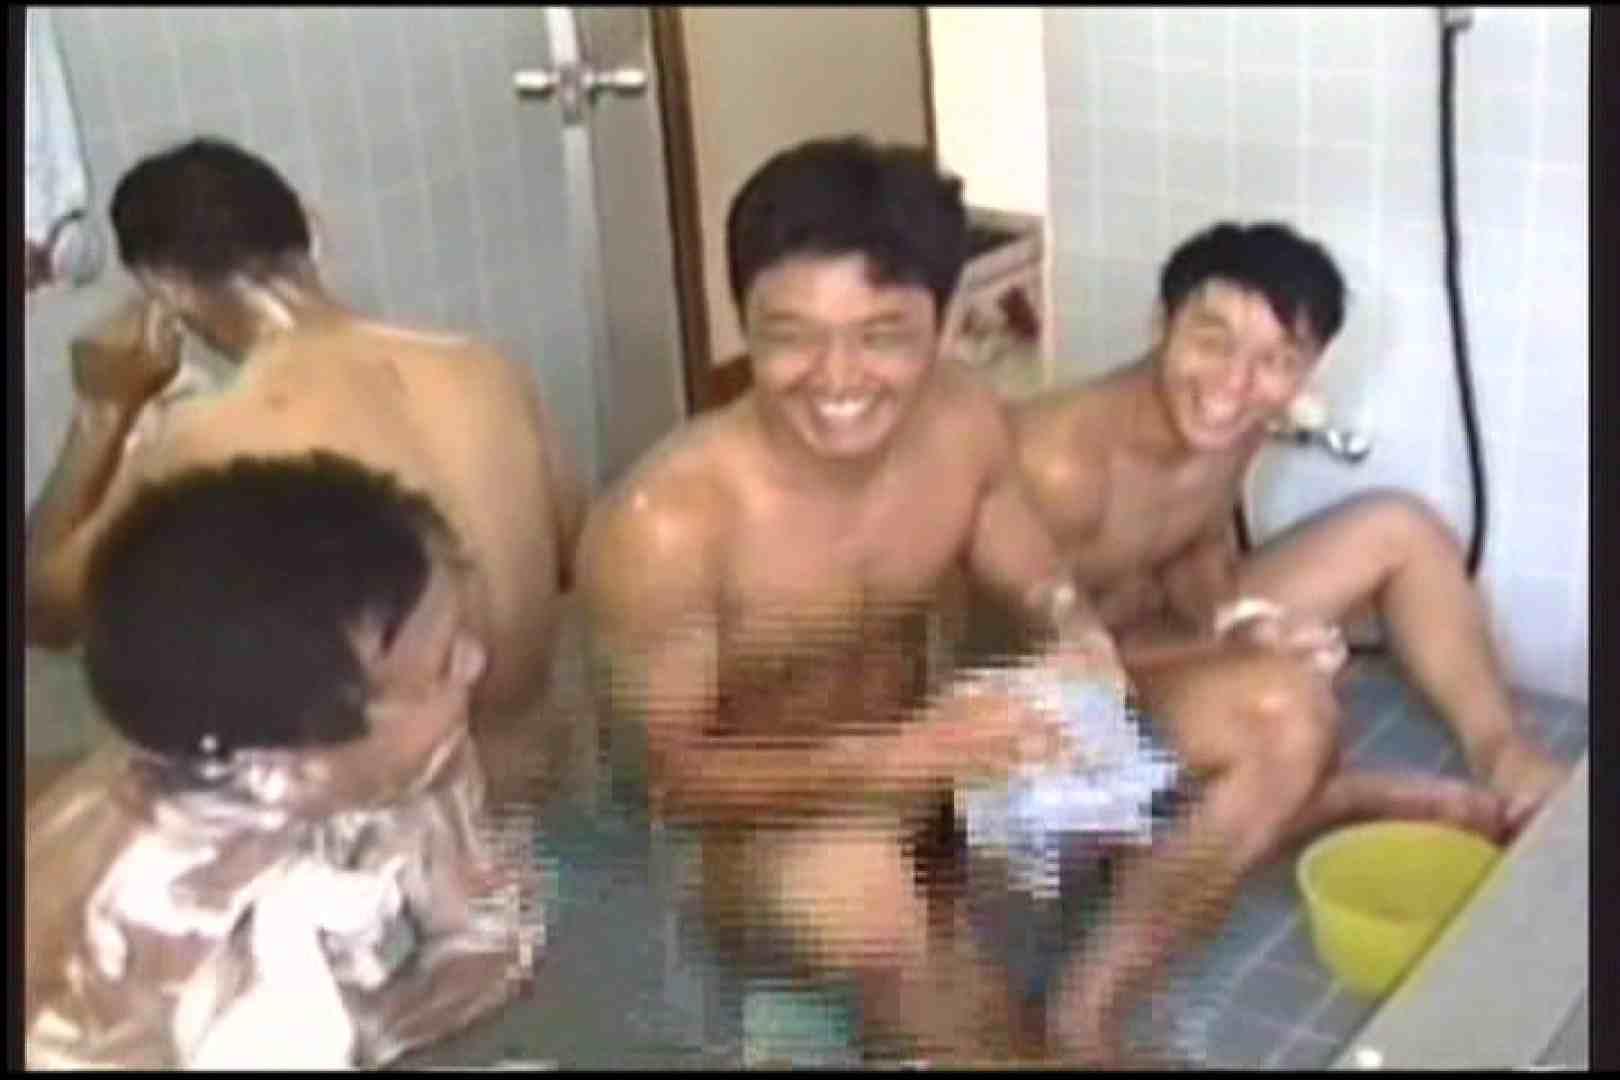 体育会系男子の銭湯合宿を覗いてみようvol.01 裸 ゲイSEX画像 91連発 58